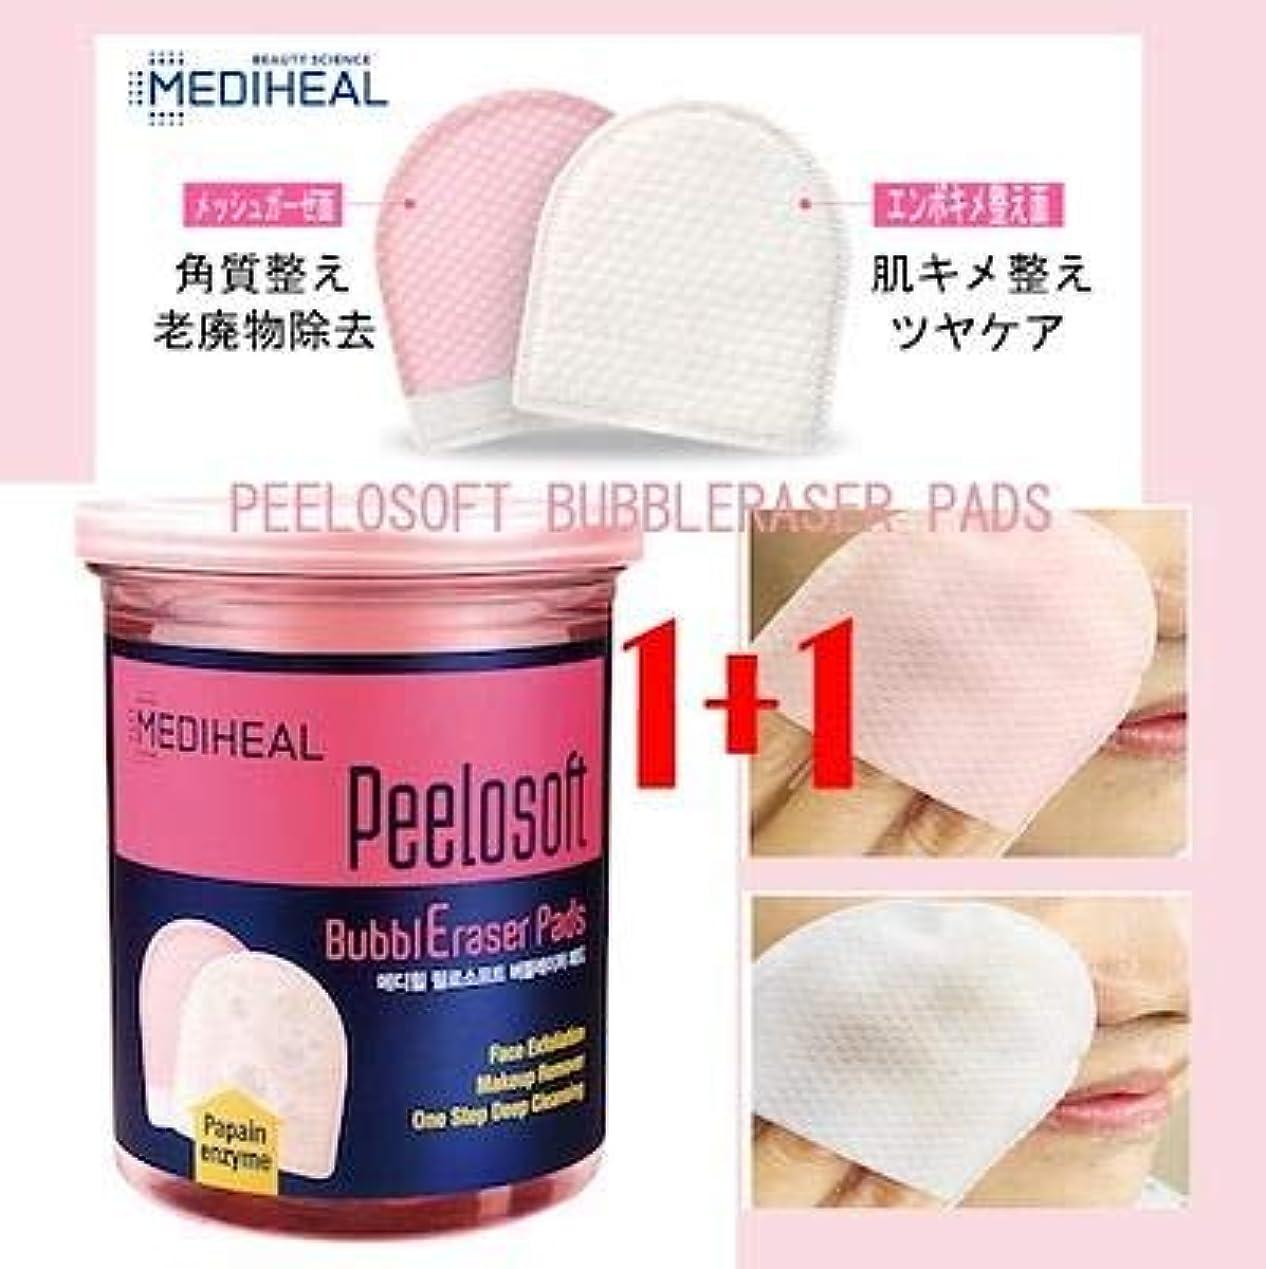 せせらぎ快適ヘッジ[MEDIHEAL] 1+1 メディヒール Peelosoft BubblEraser Pads ピローソフト バブルレーザー パッド [20枚+ 20枚]